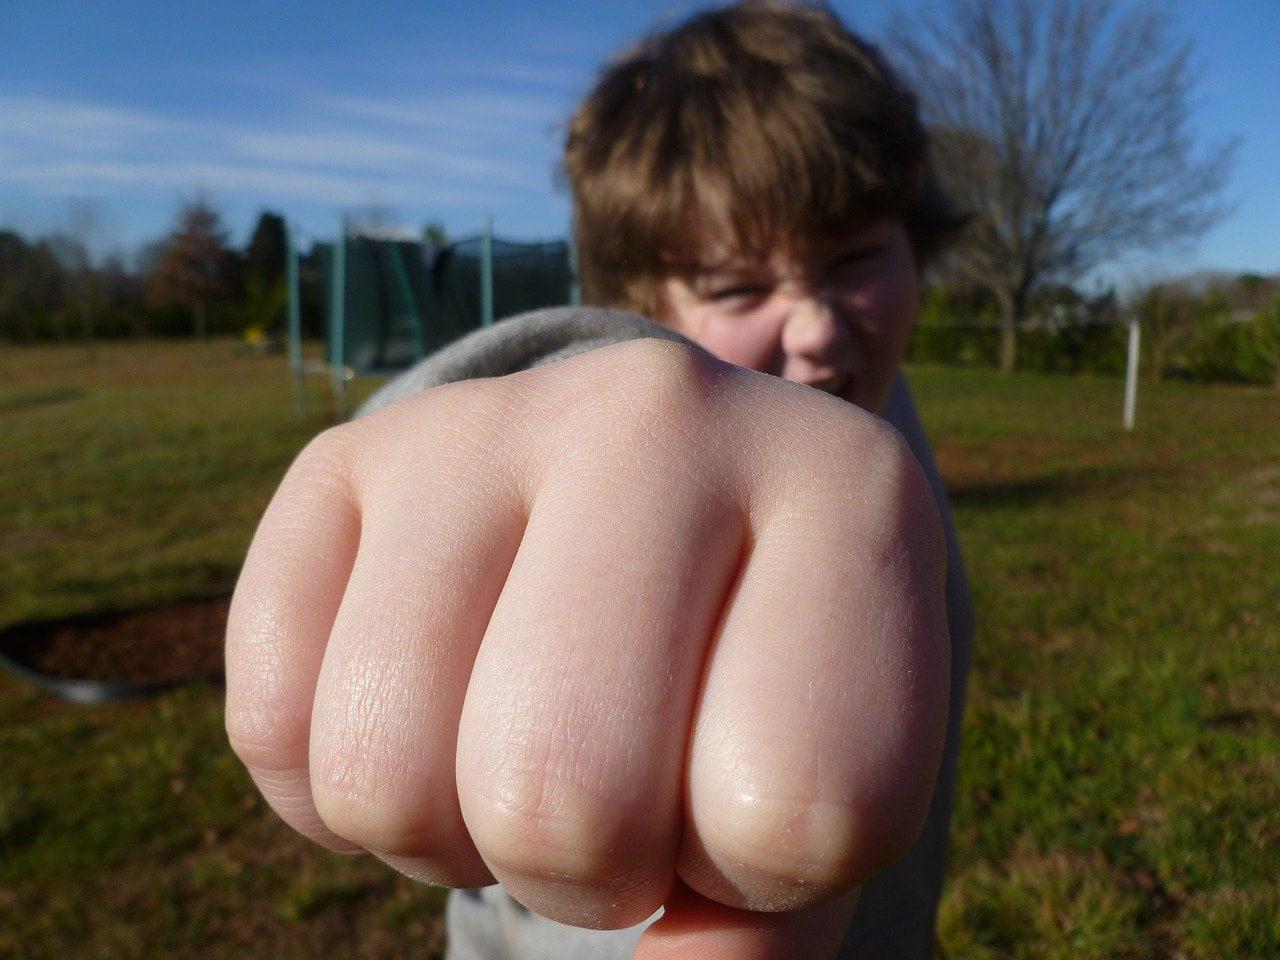 Агрессивный ребенок. Причины. Что делать?